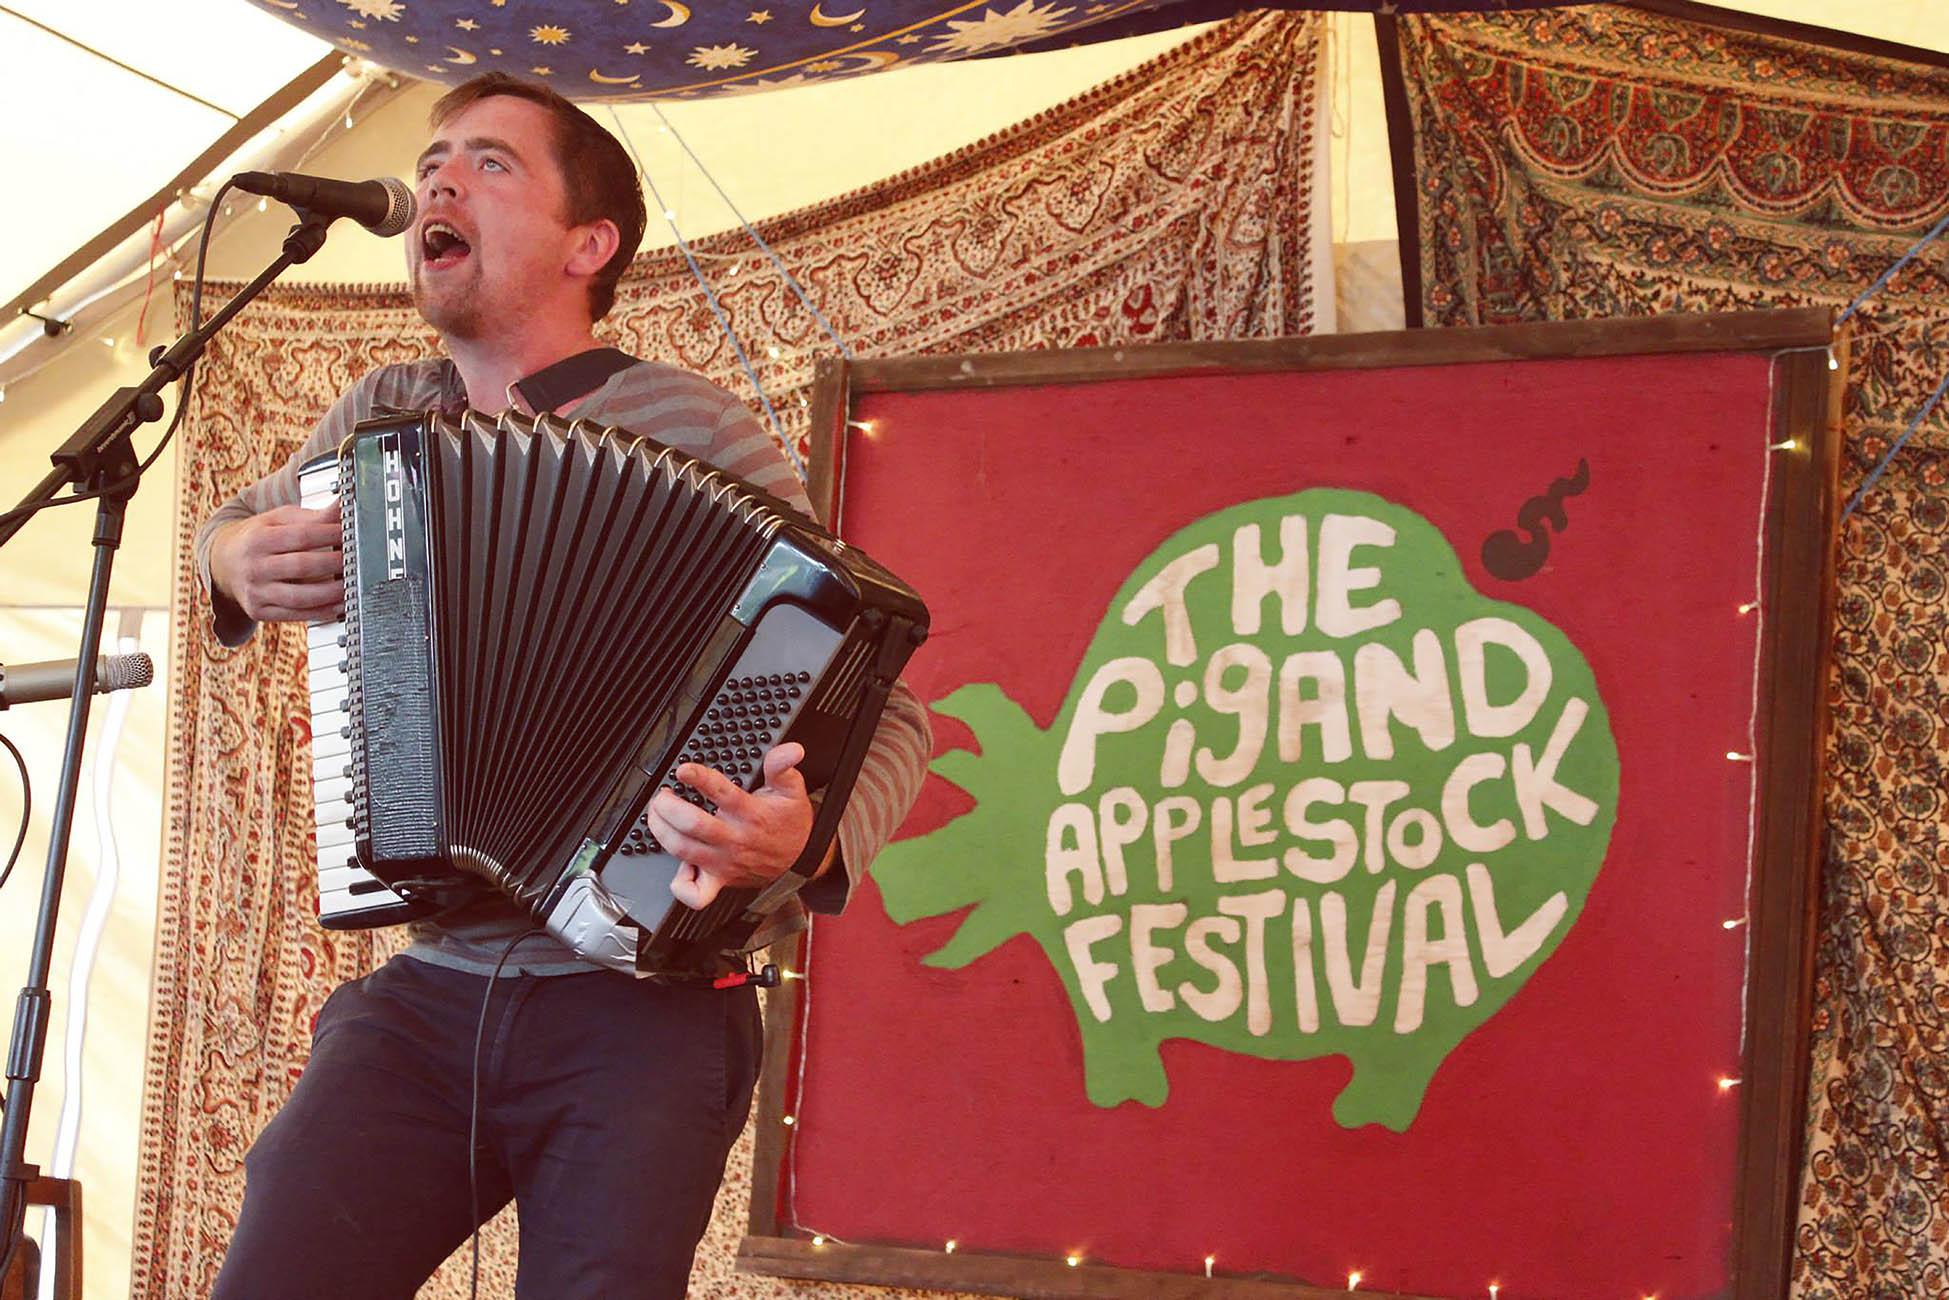 Applestock-festival-blog-13